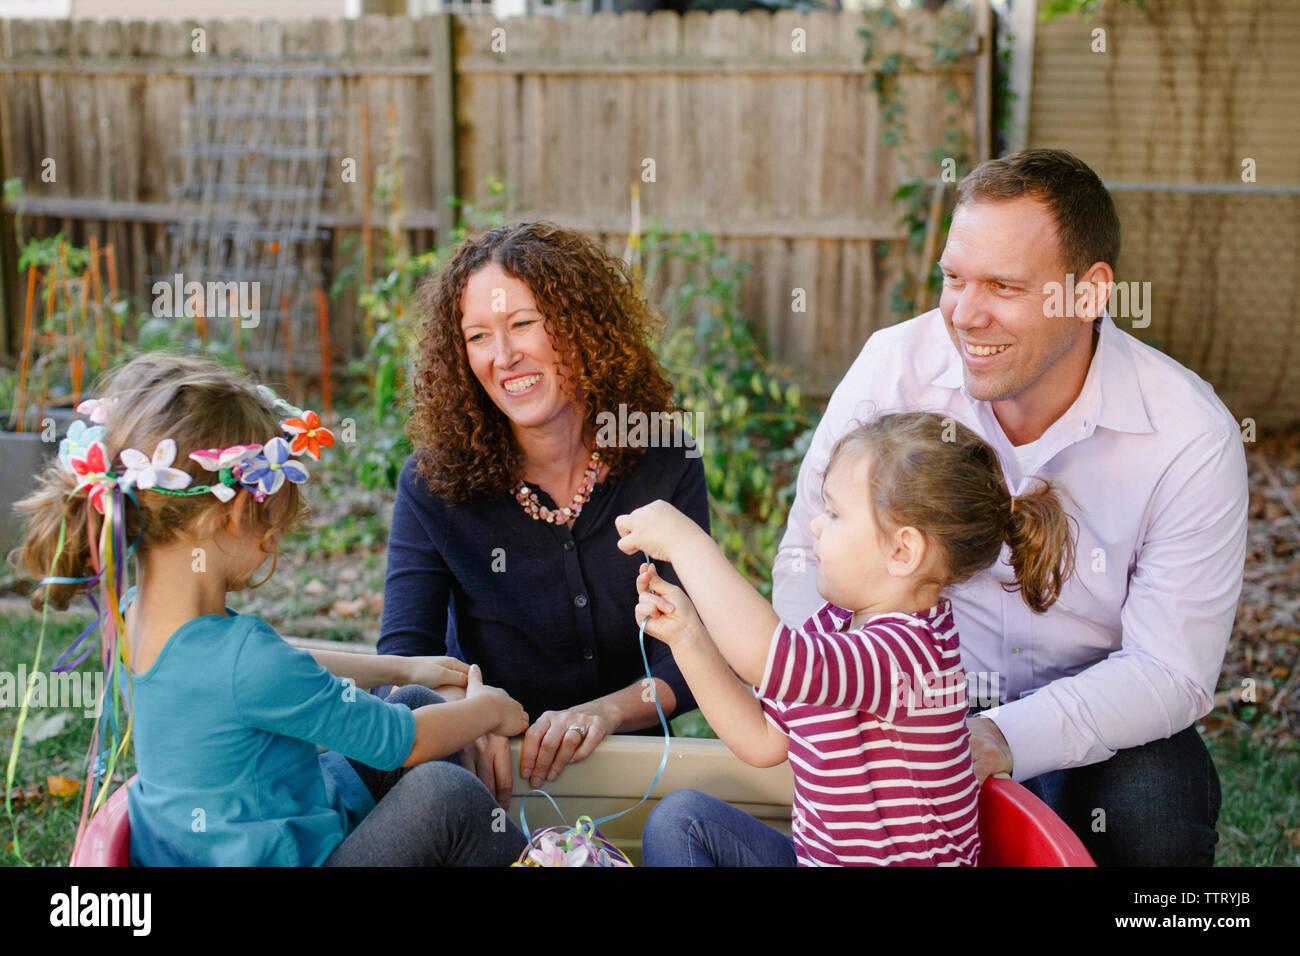 Due bambine giocare mentre i loro genitori guarda con affetto in Foto Stock